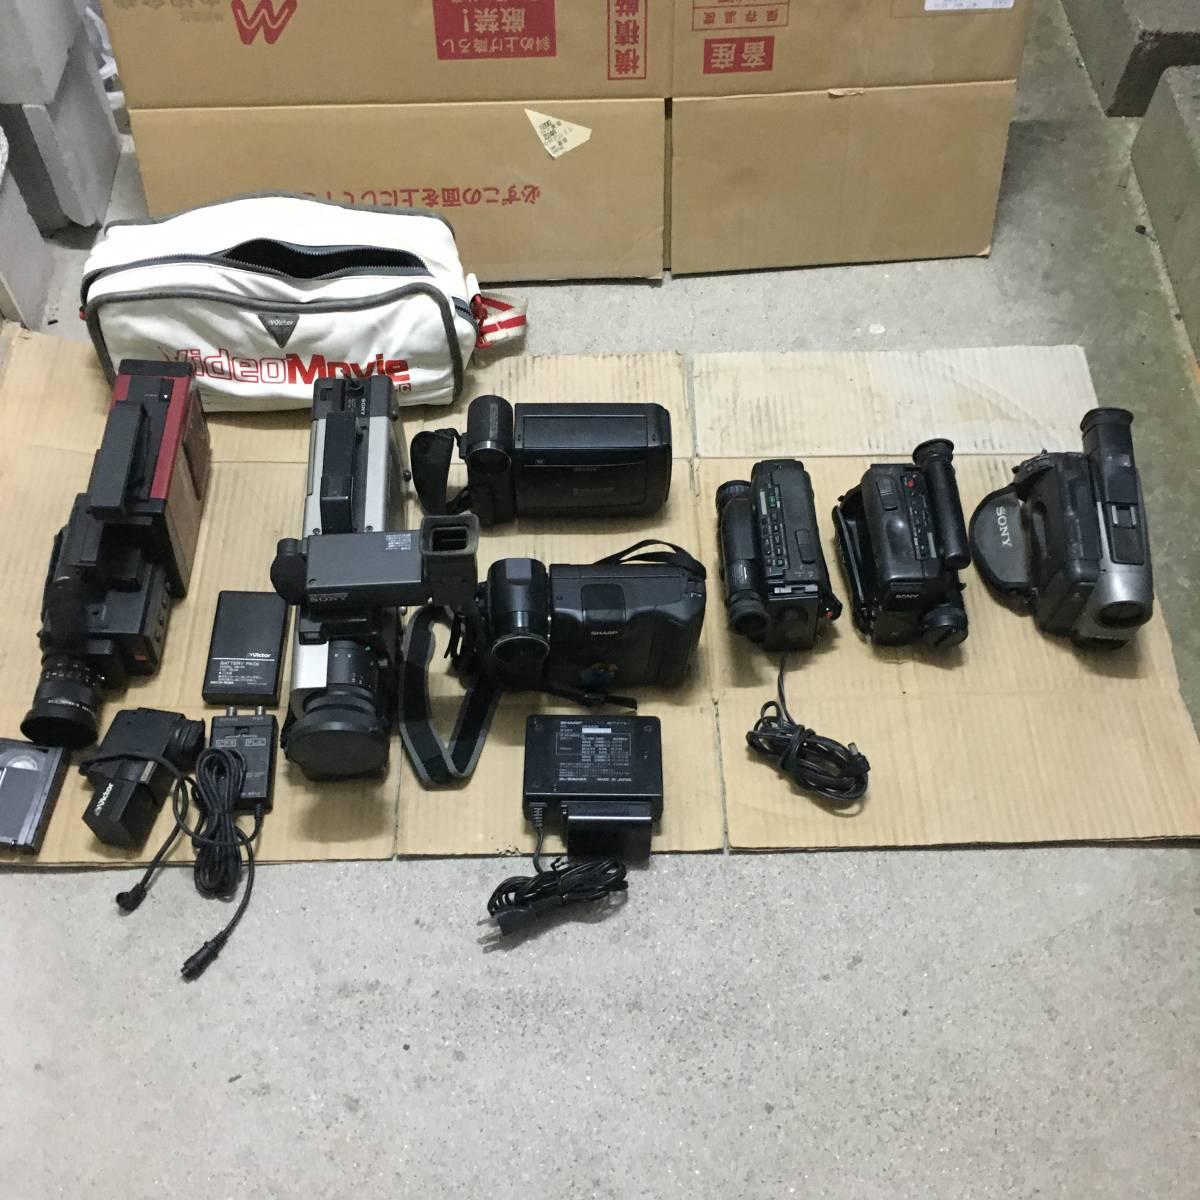 ビデオカメラ(41) 機種色々 Victor(VideoMovie) SONY(Video8,Handycam 3台) SHARP(Viewcam 2台)など まとめて 7台 部品取り ジャンク品_画像3